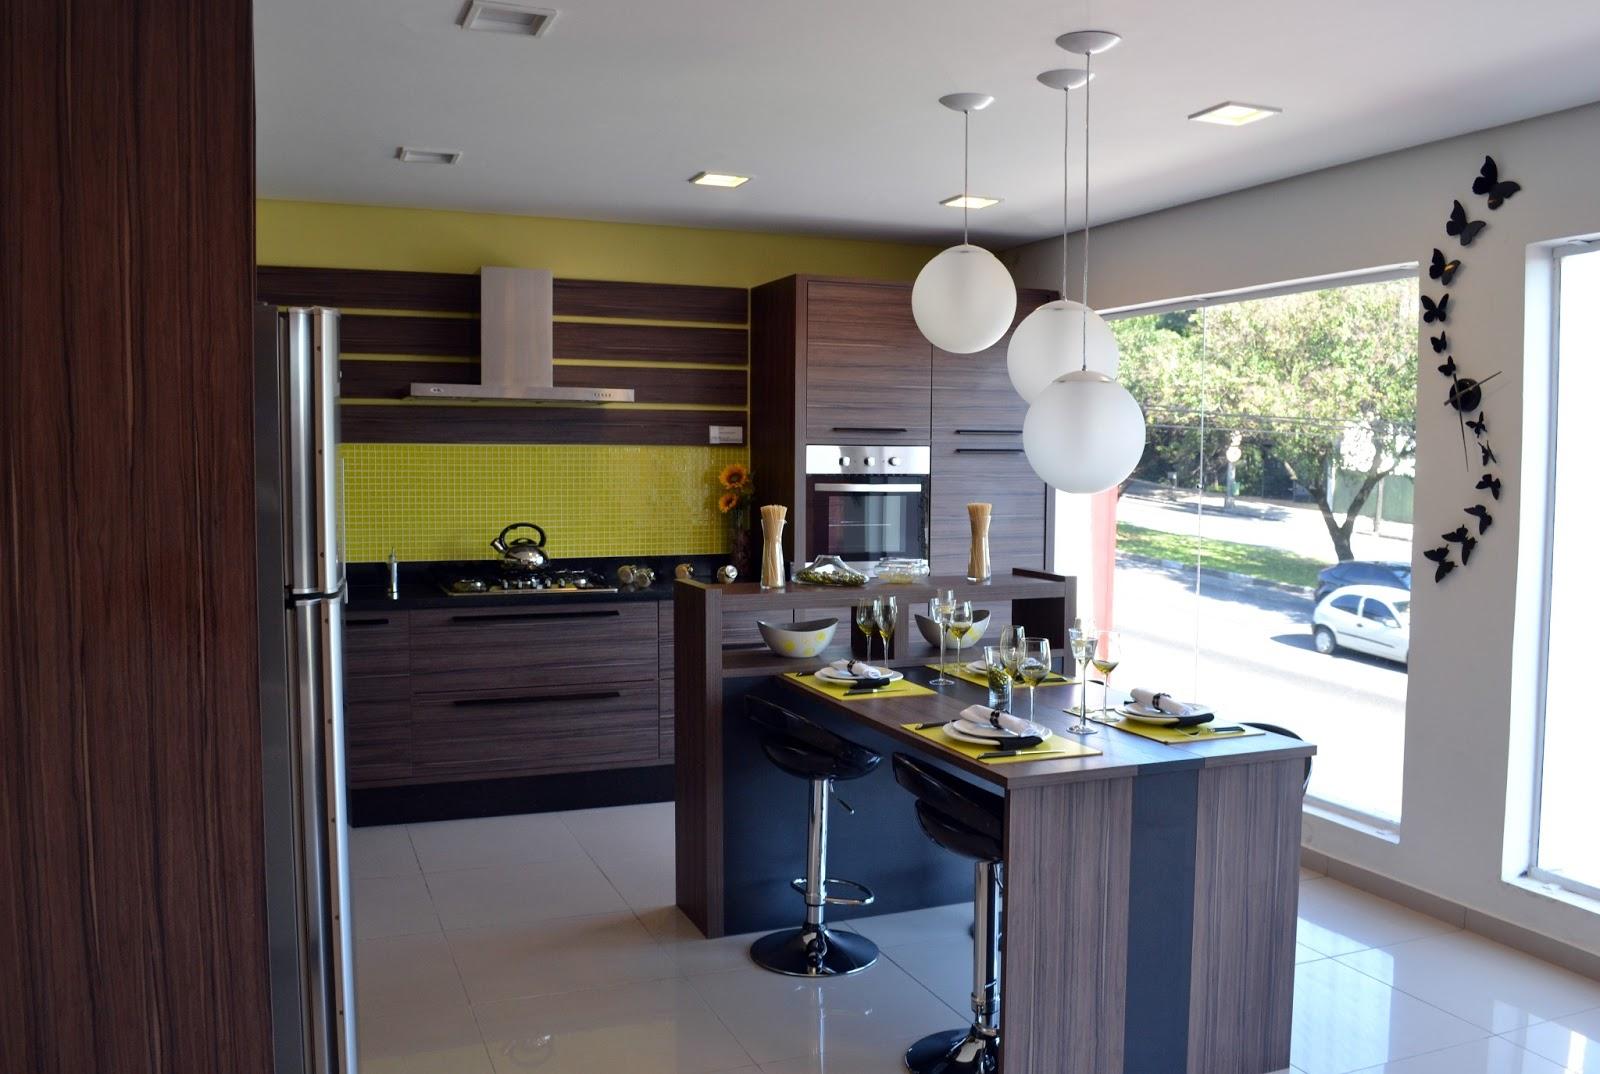 pintamos e decoramos a cozinha de uma das lojas do Grupo Melo Design #827633 1600 1074